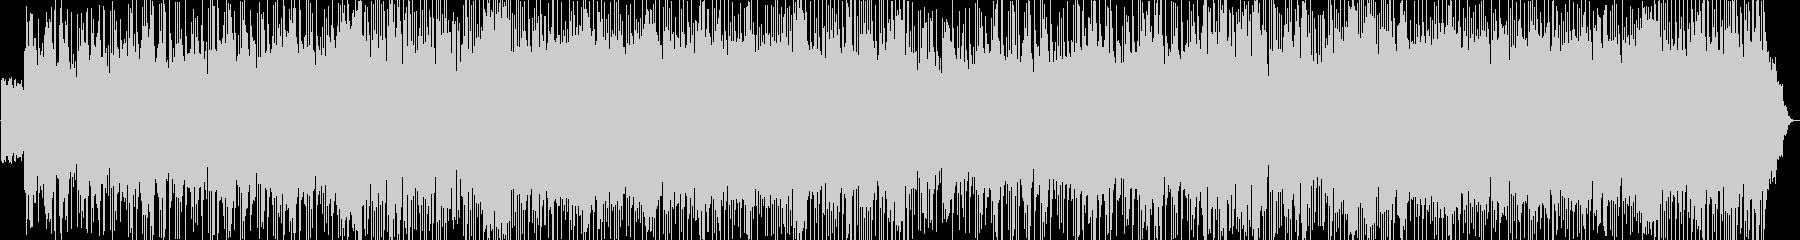 オールドROCKテイスト荒野が似合う曲の未再生の波形